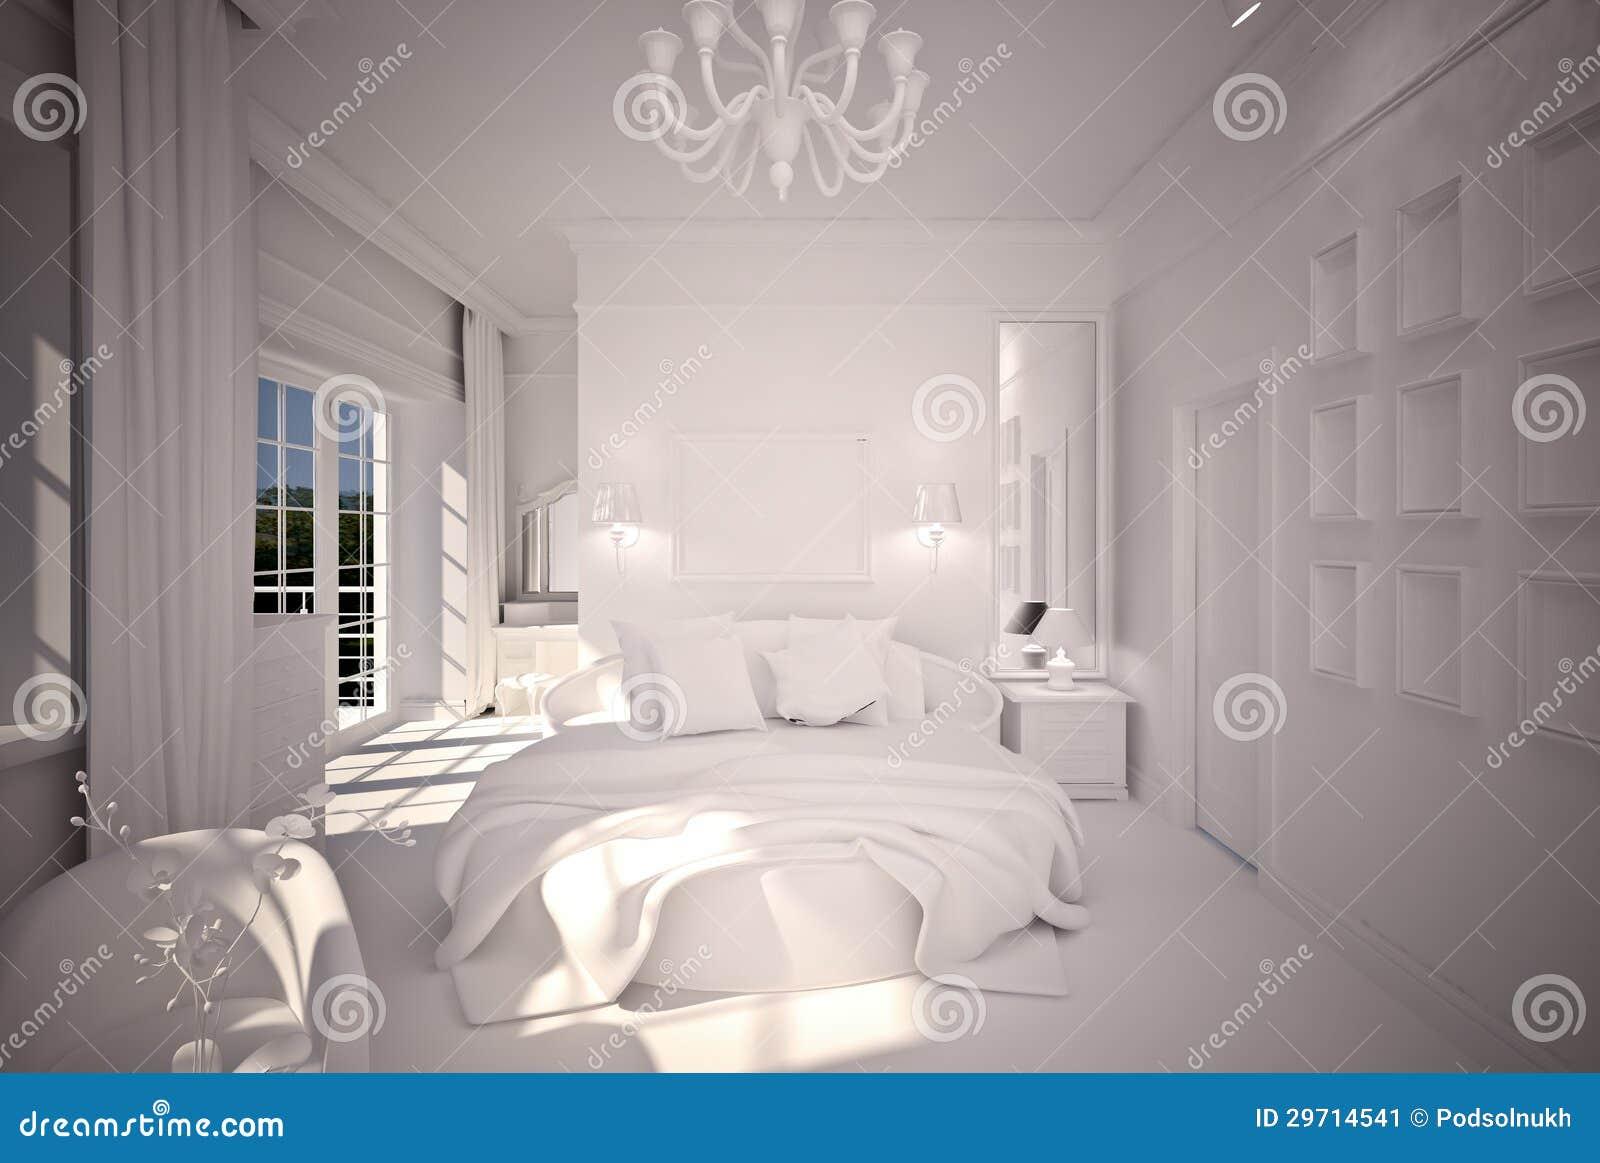 Conception intérieure b&w de chambre à coucher image stock   image ...